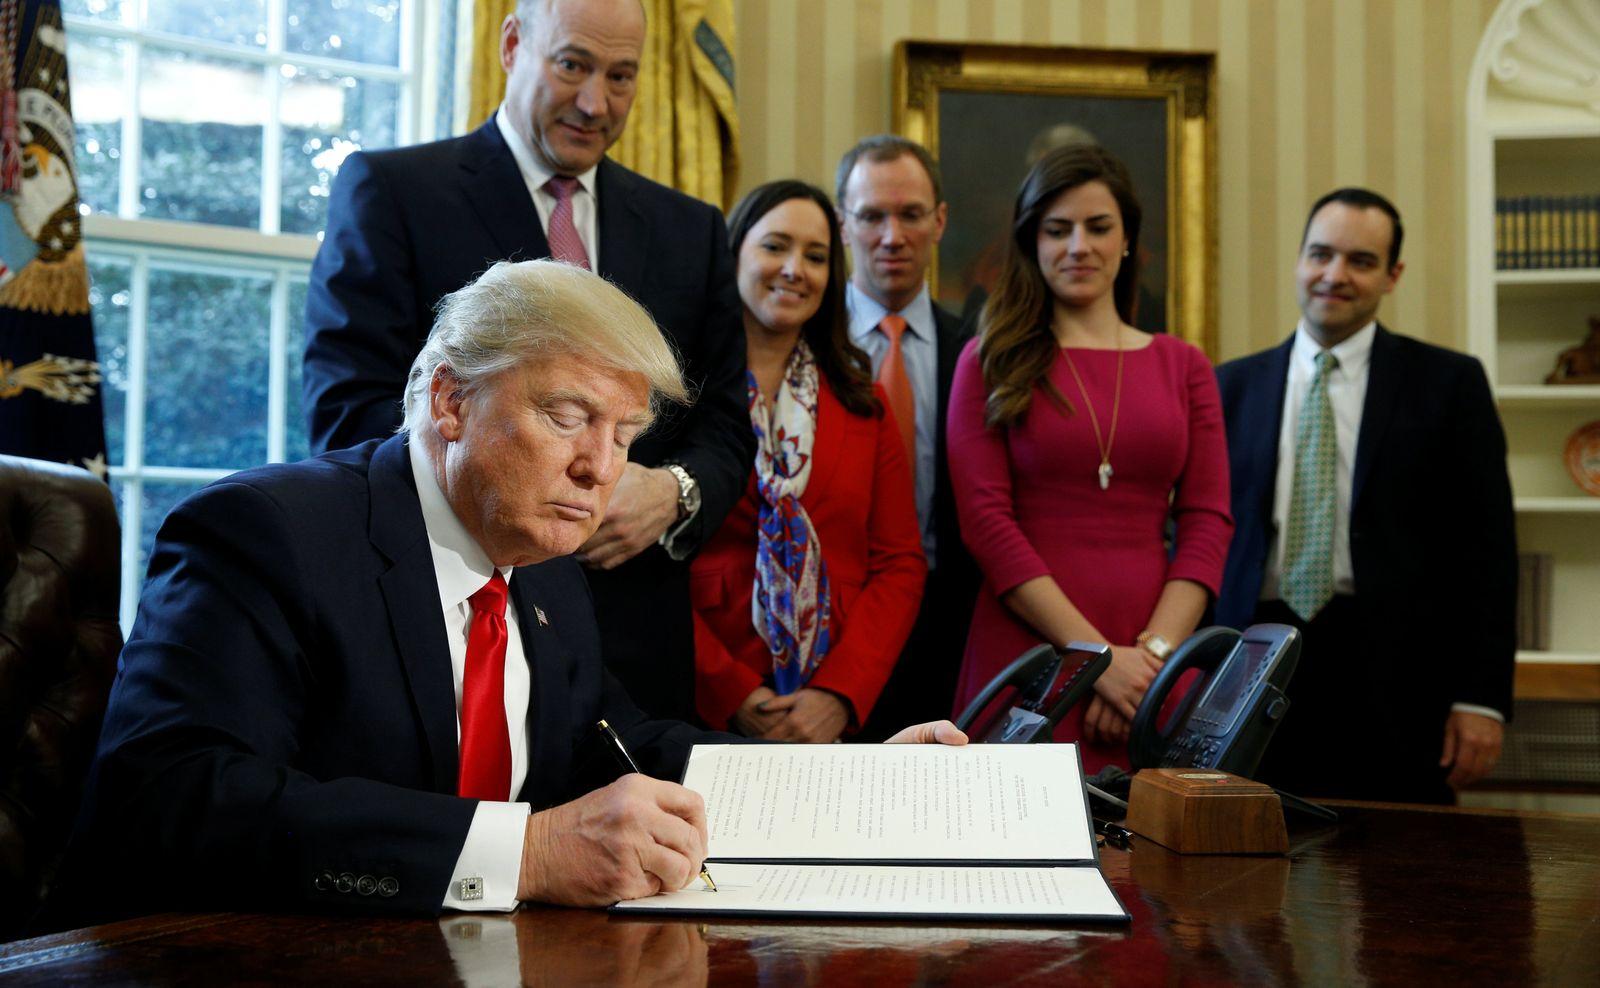 Wall Street Reform/ Trump/ 2017